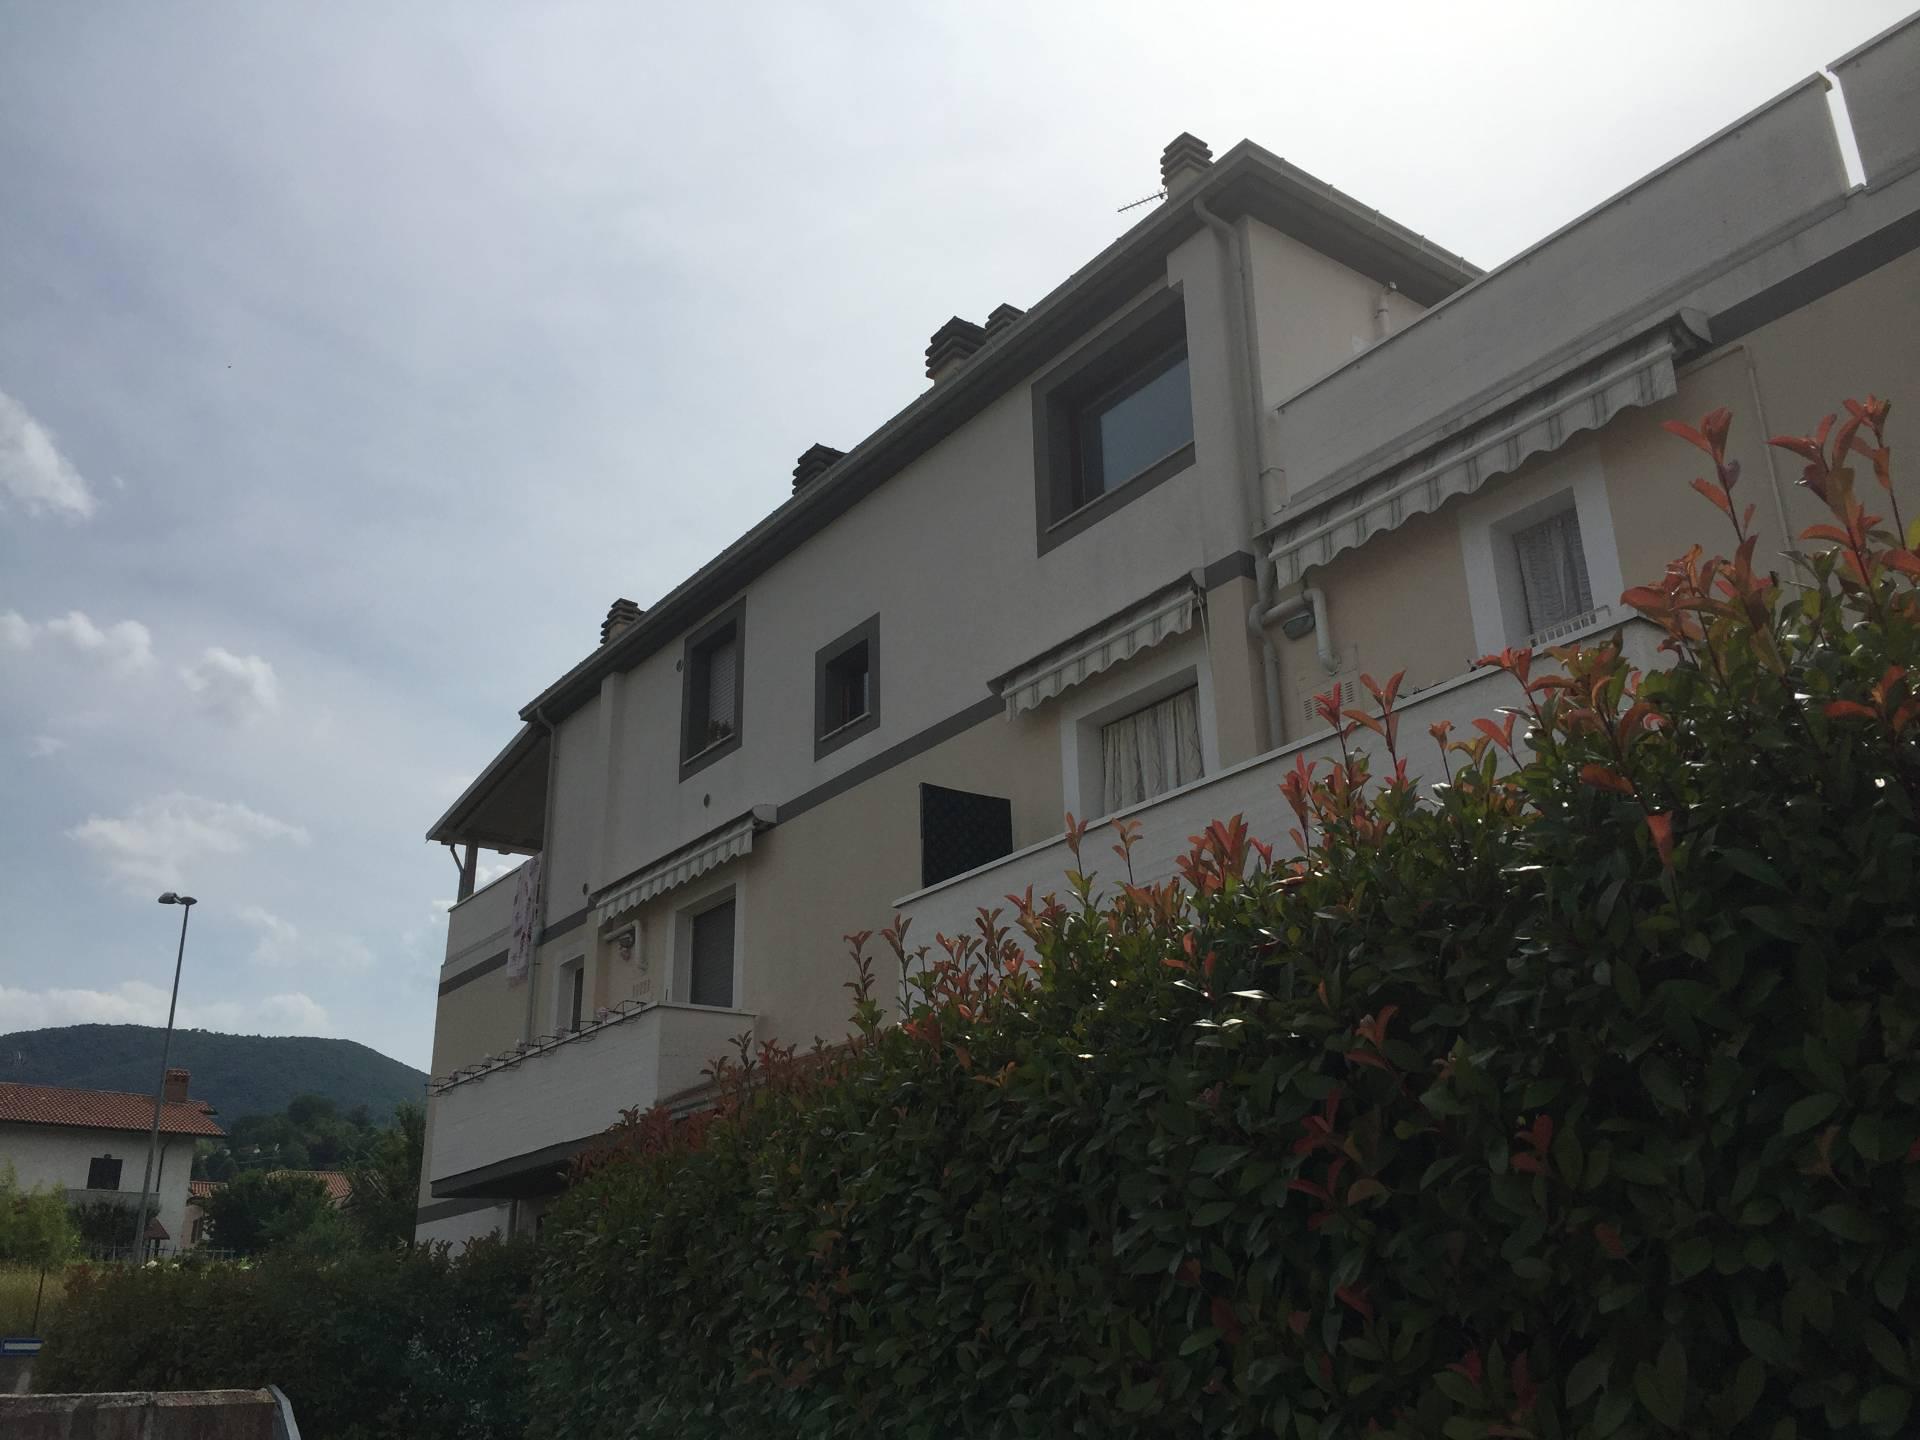 Attico / Mansarda in vendita a Fabriano, 4 locali, zona Località: PERIFERIA, prezzo € 183.000 | CambioCasa.it